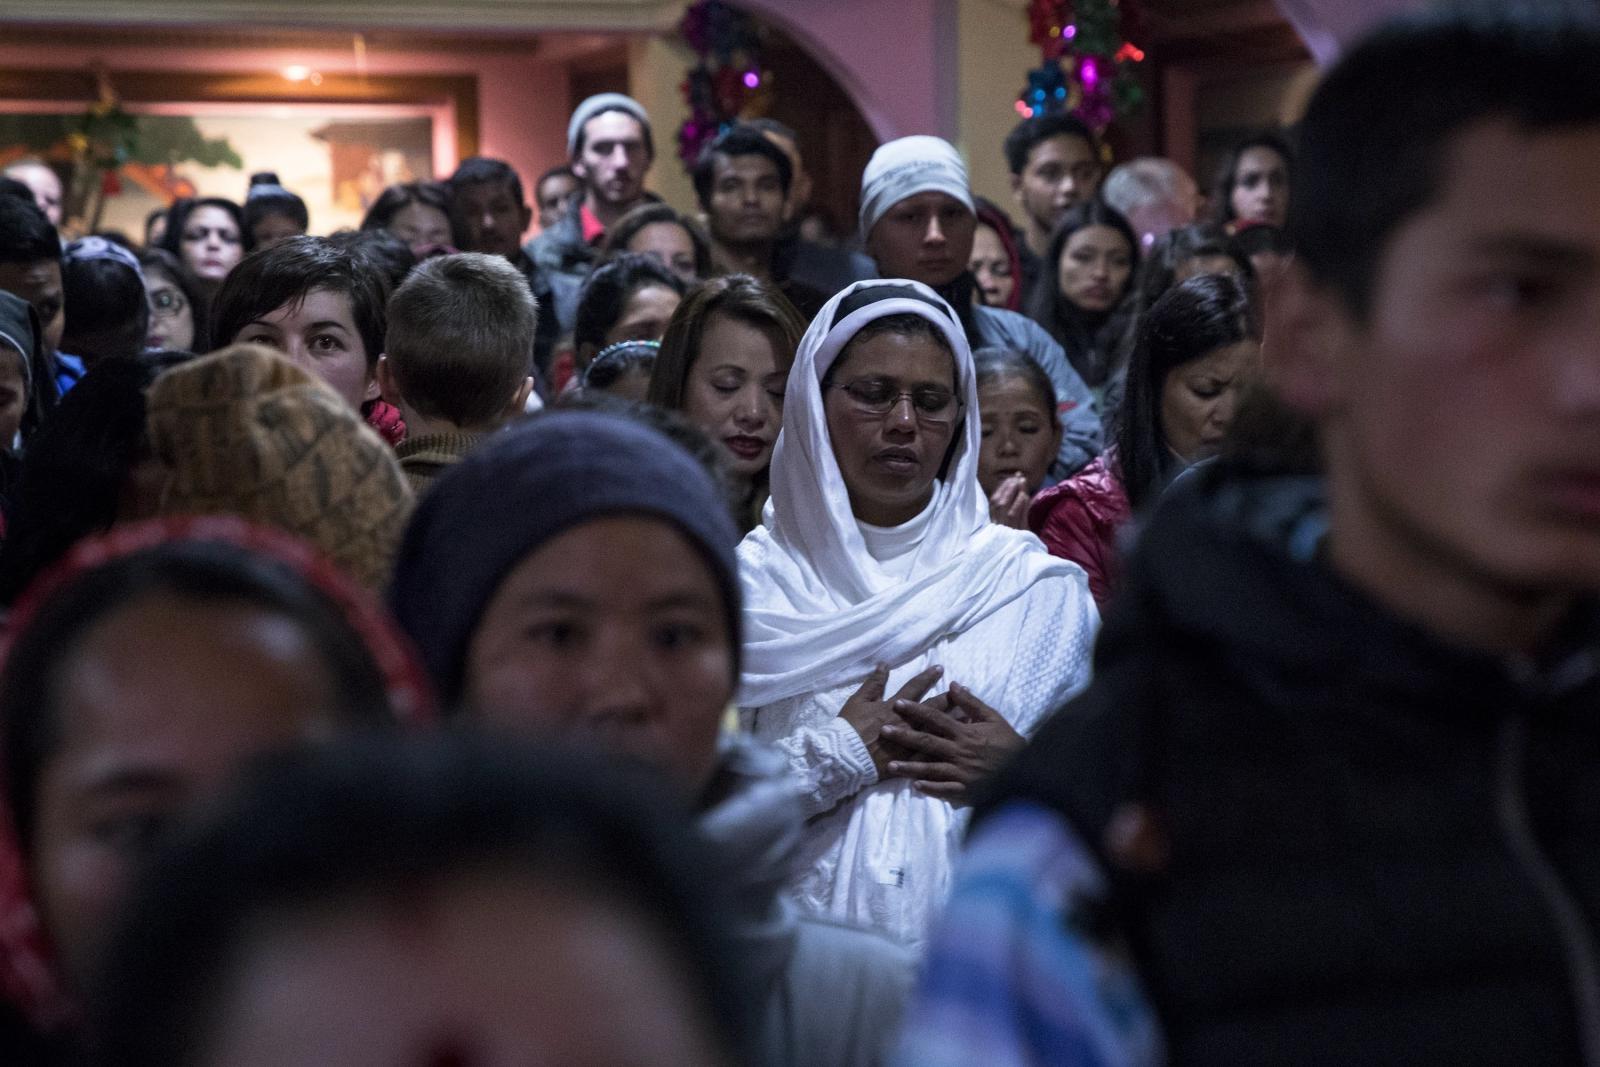 Boże Narodzenie w Nepalu. fot. EPA/Hemanta Shrestha